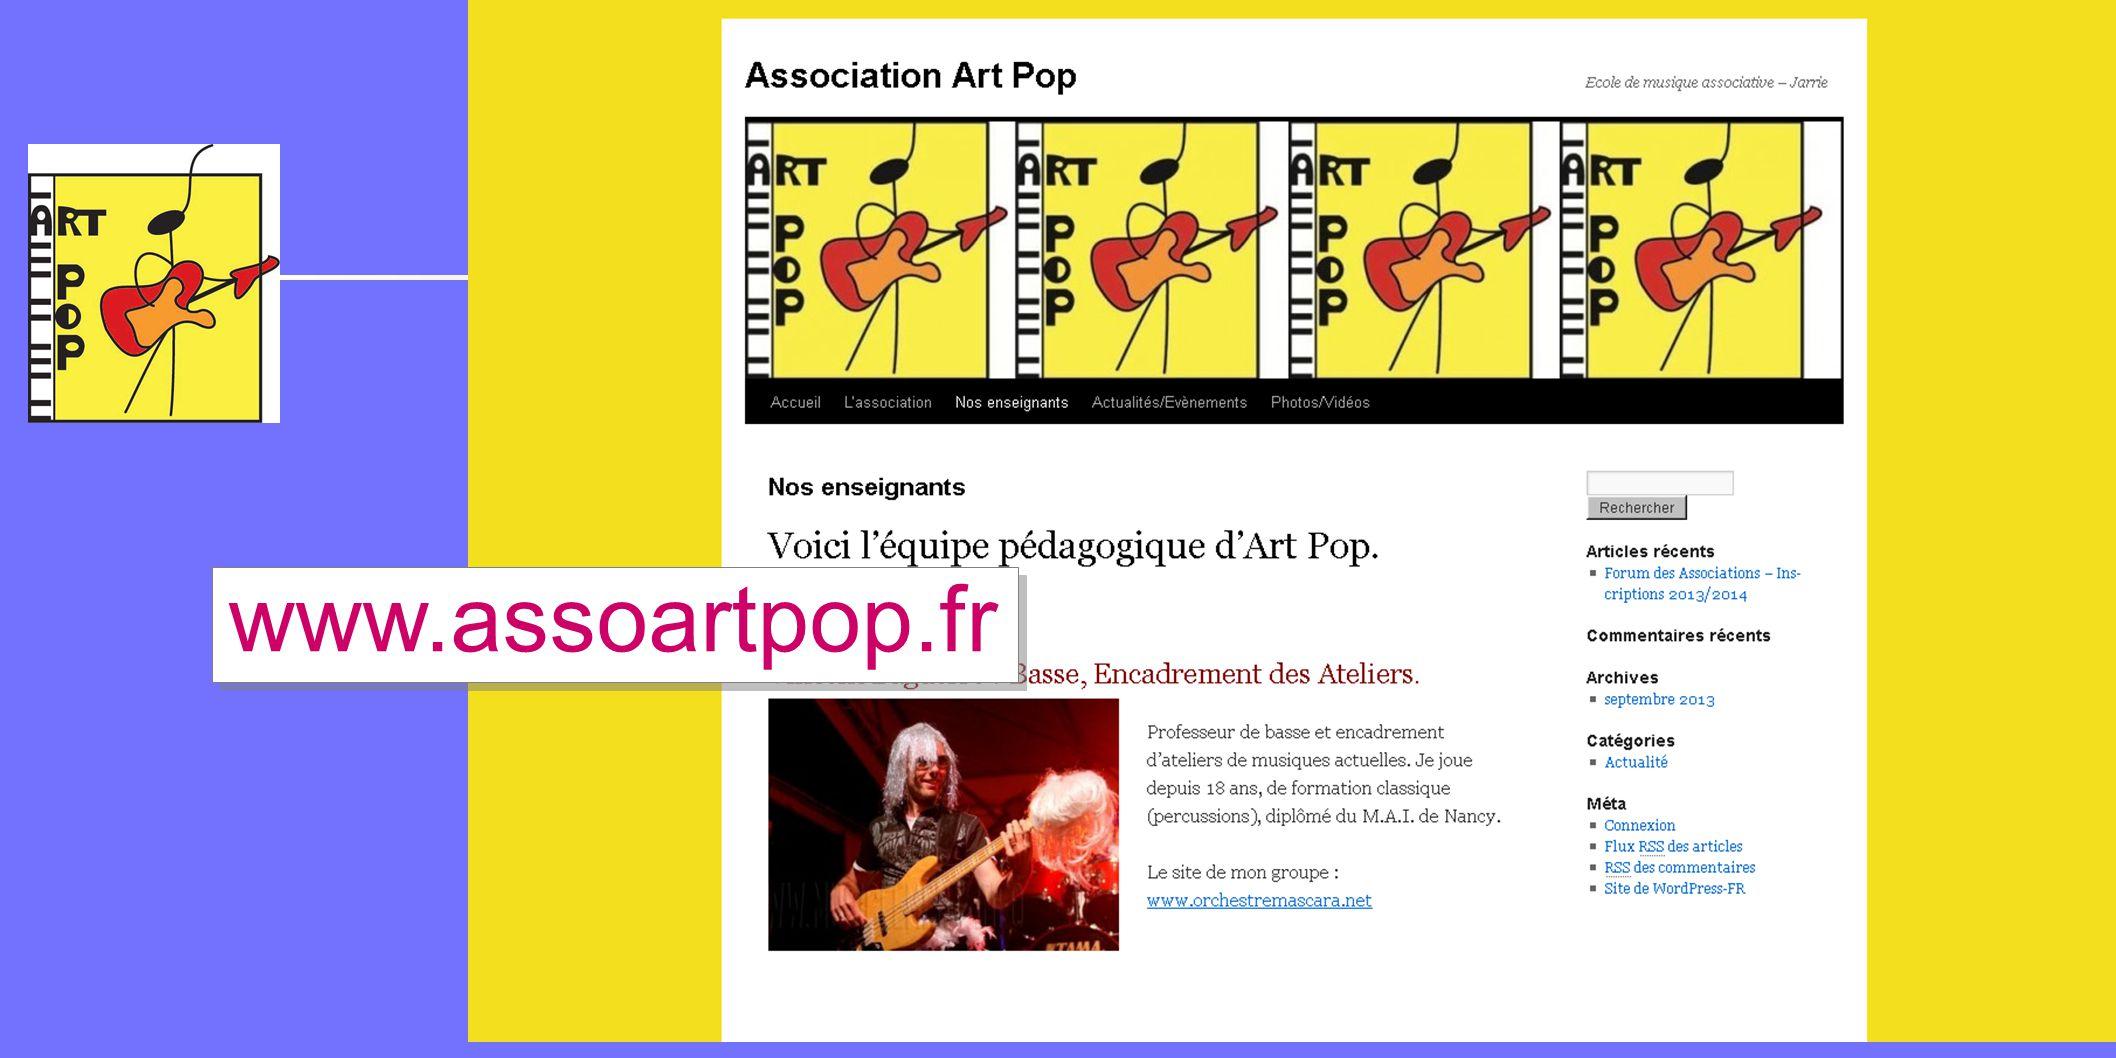 www.assoartpop.fr